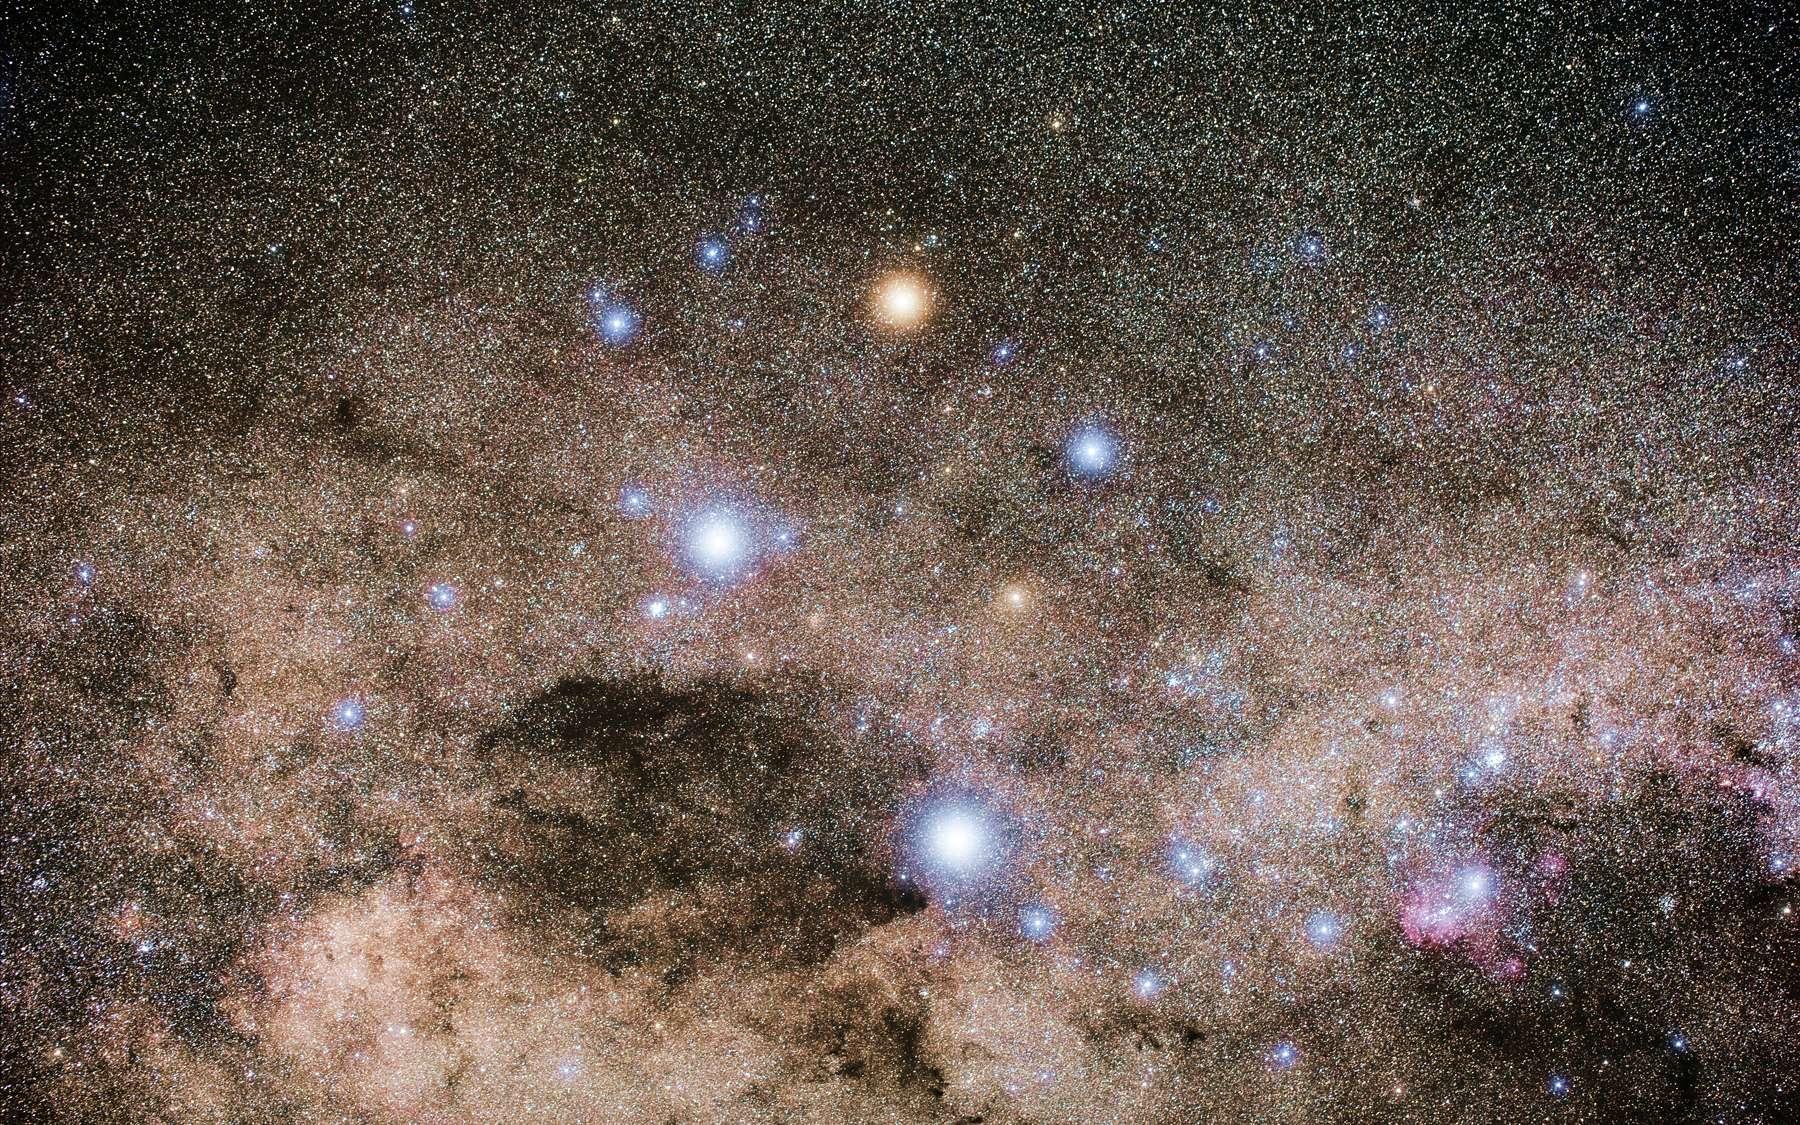 Gamma Crucis est la troisième étoile la plus brillante de la constellation de la Croix du Sud et une des plus brillantes étoiles du ciel. C'est une géante rouge, et on peut la voir au sommet de la Croix du Sud sur cette image prise par un astronome amateur. © Naskies, Wikipédia